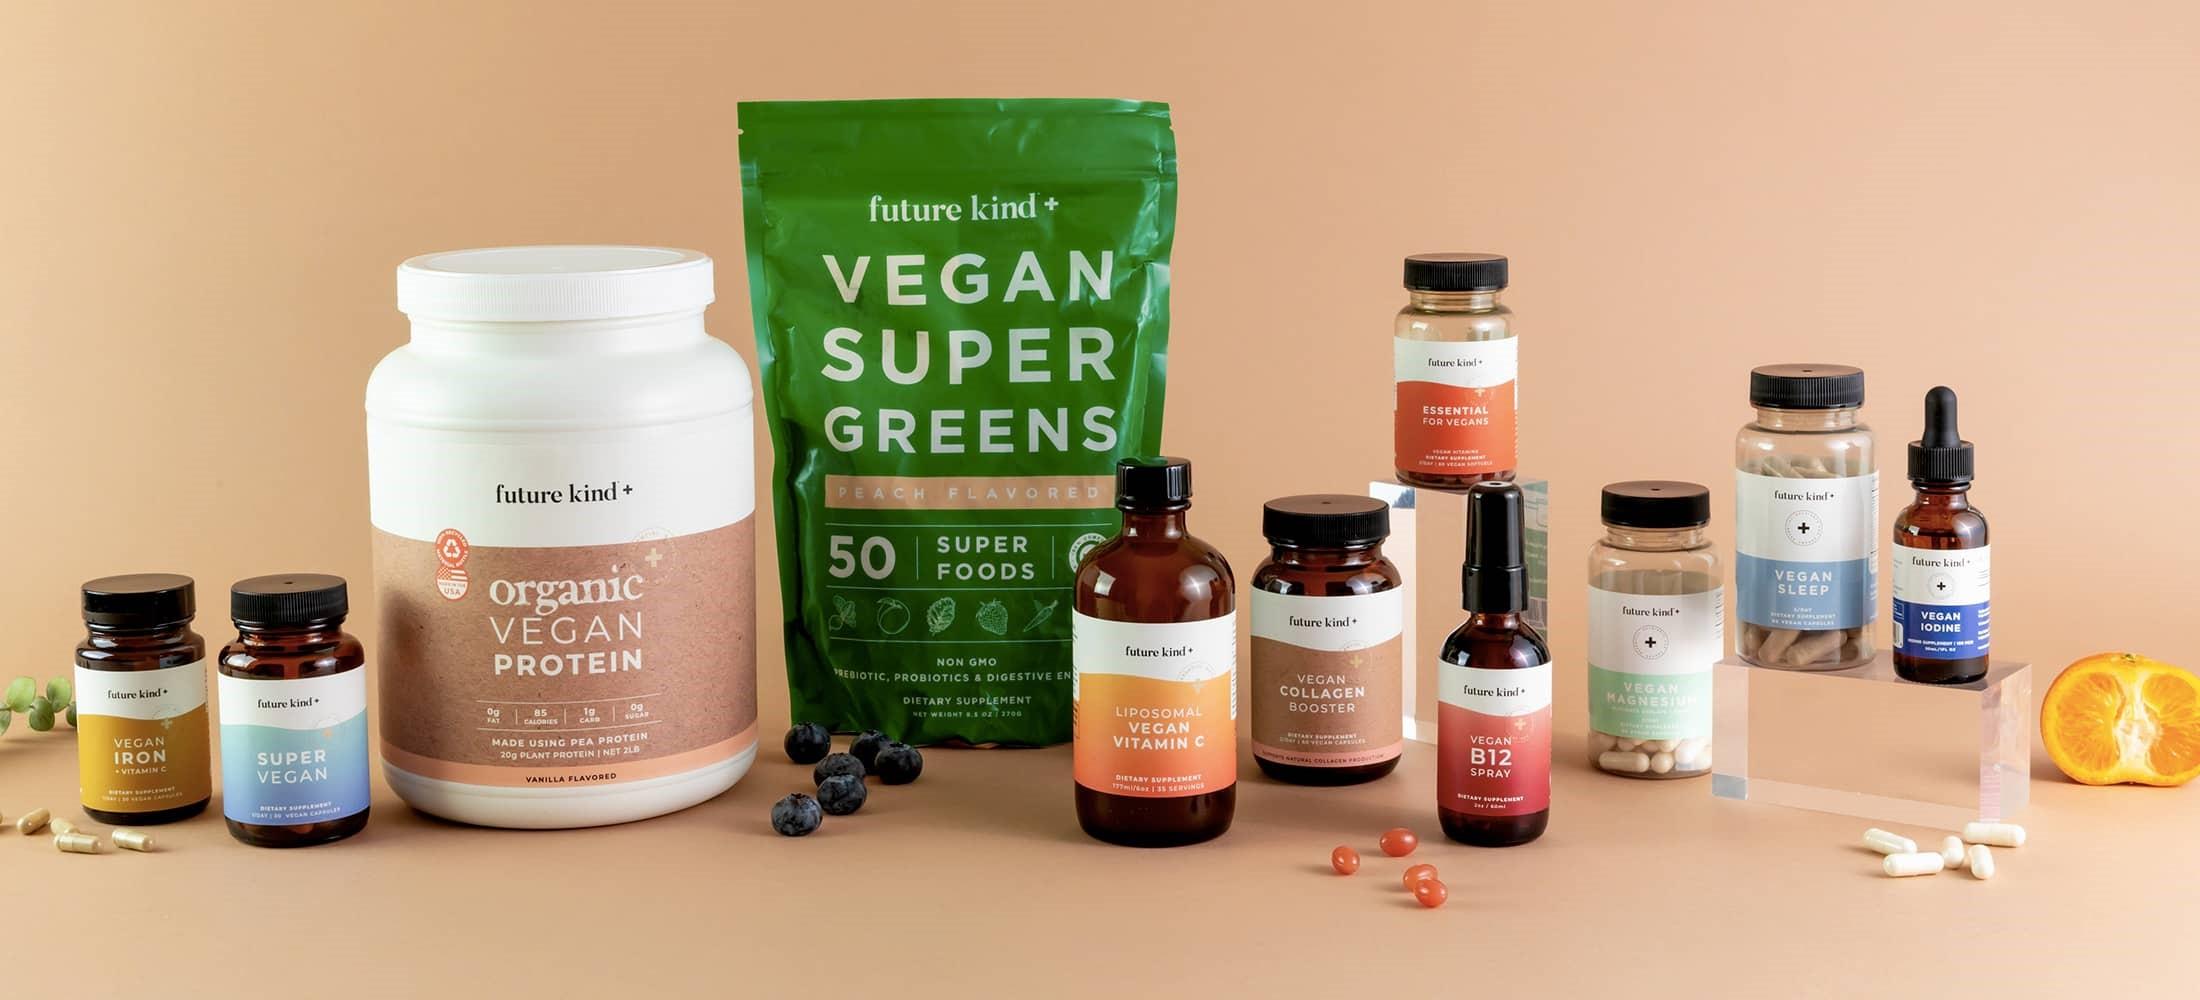 Vegan Supplement Market